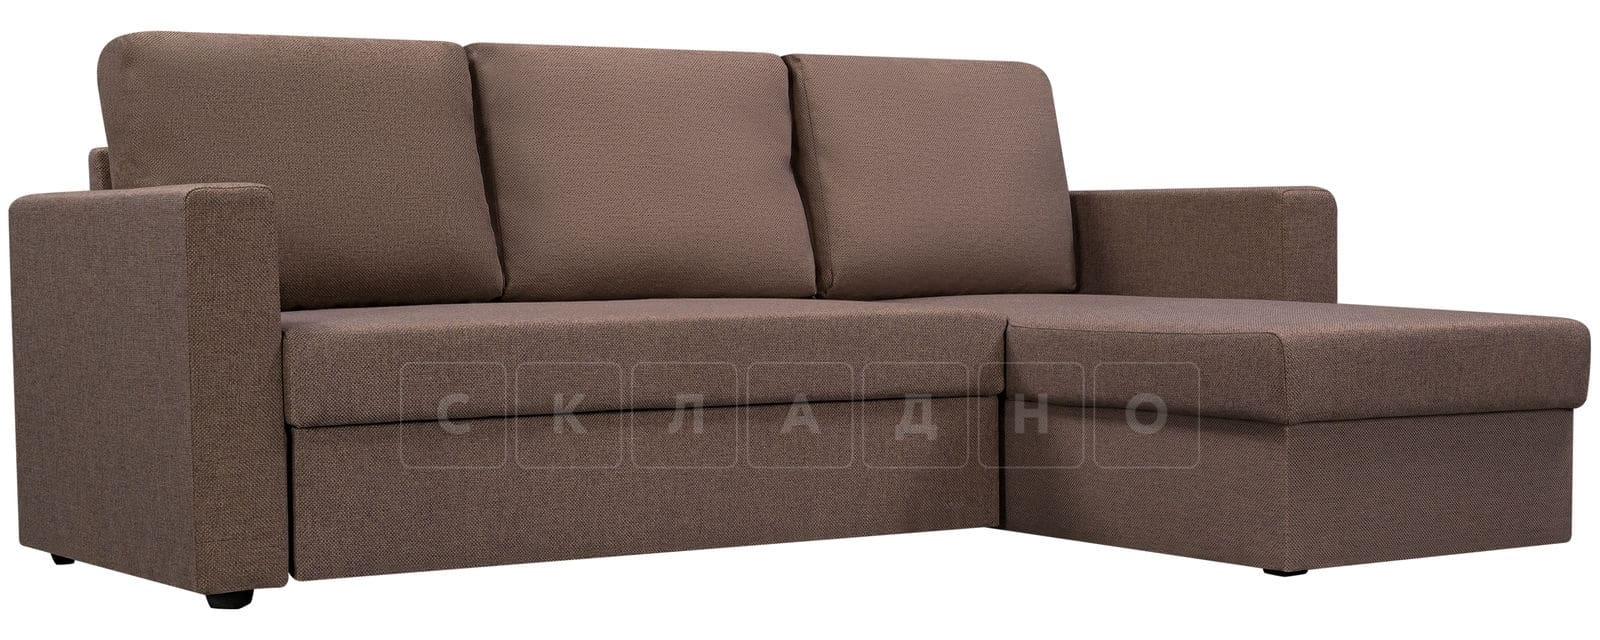 Угловой диван Турин коричневый фото 1 | интернет-магазин Складно